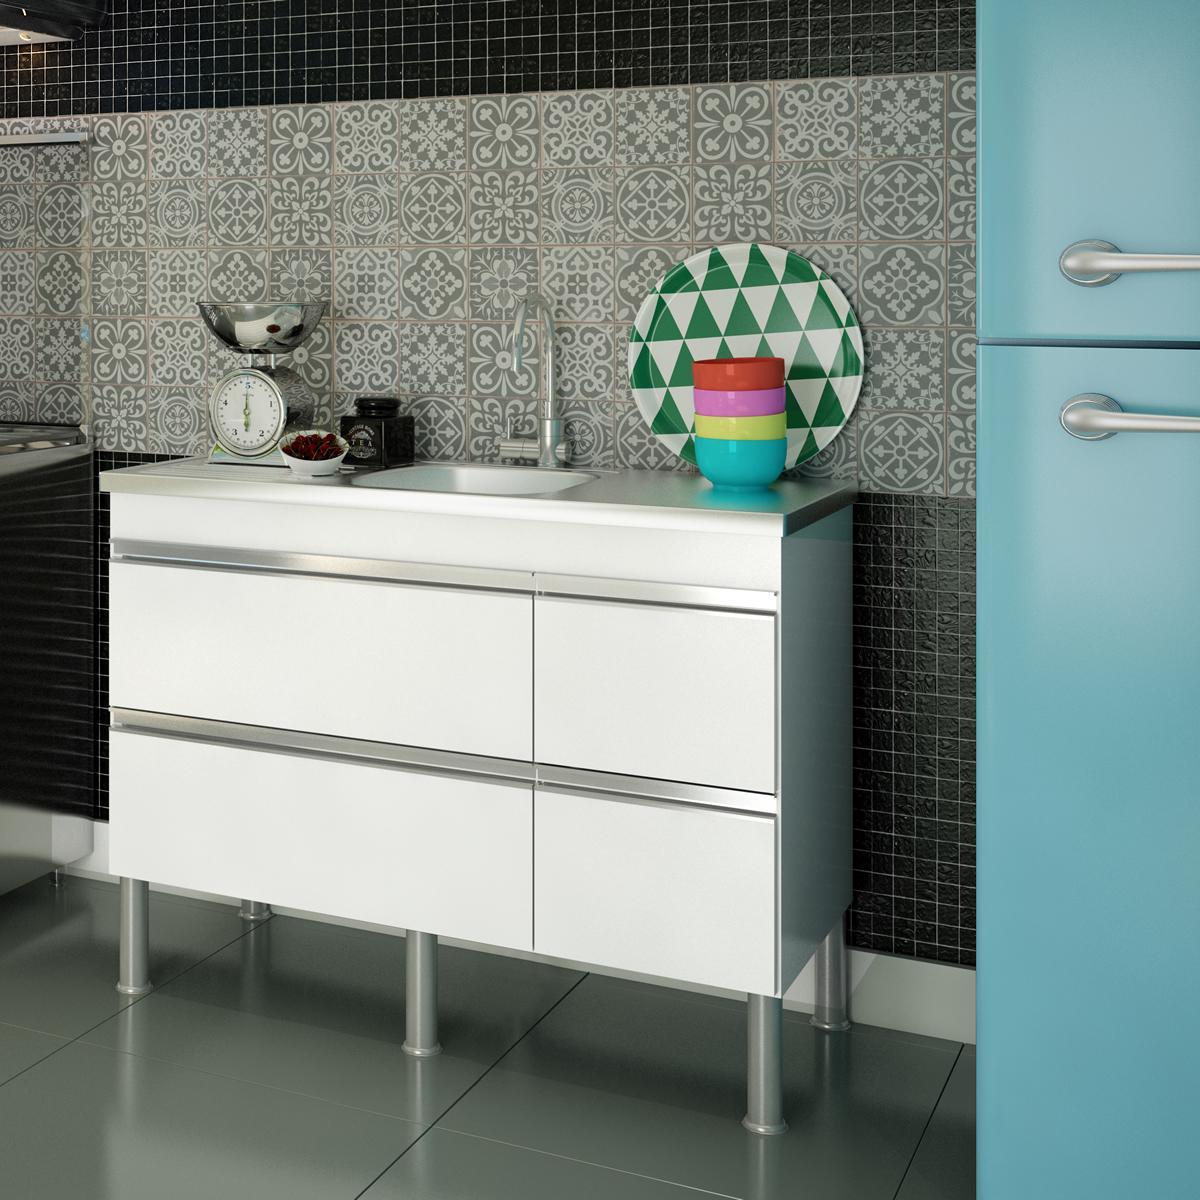 Balcao De Cozinha 100% Mdf Prisma Para Pia 114 cm  - Branco  - Mgm